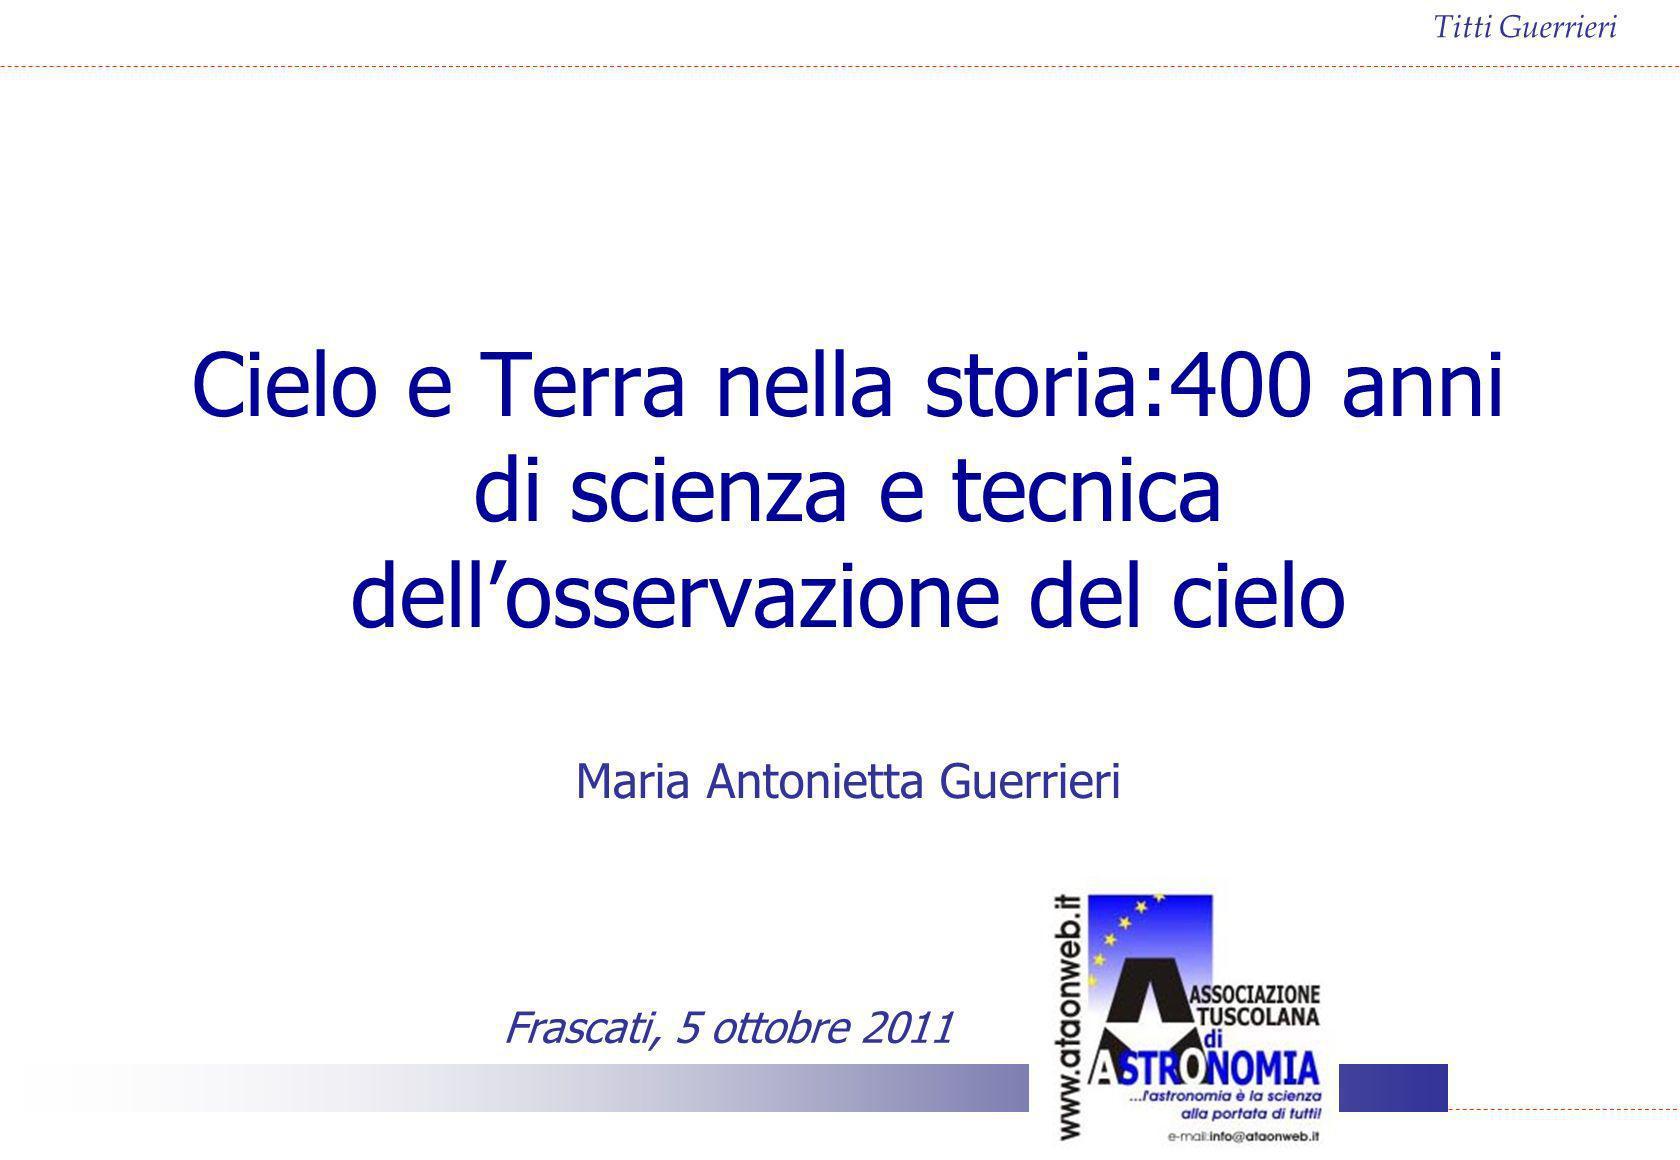 Titti Guerrieri La storia dellastronomia da Galileo ad oggi è talmente ricca di scoperte che è praticamente impossibile riassumerla in poche slides.